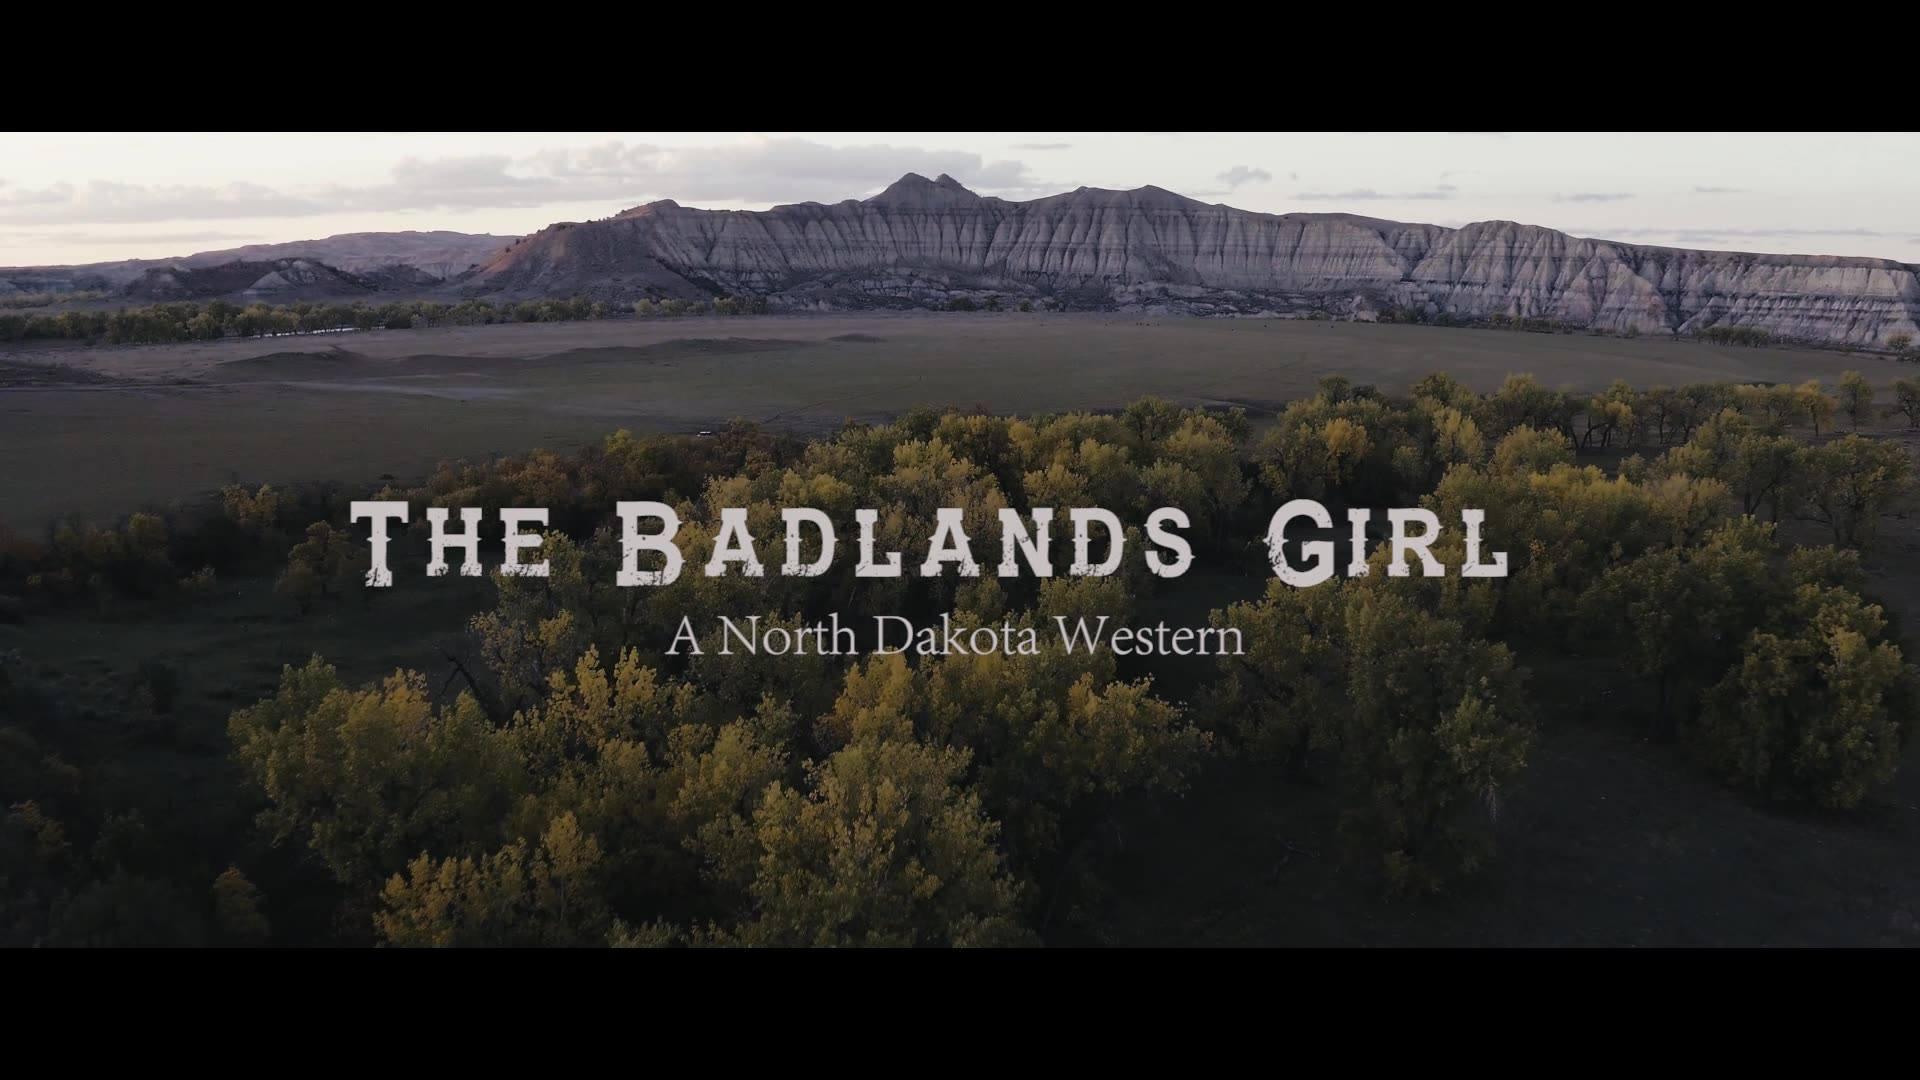 The Badlands Girl